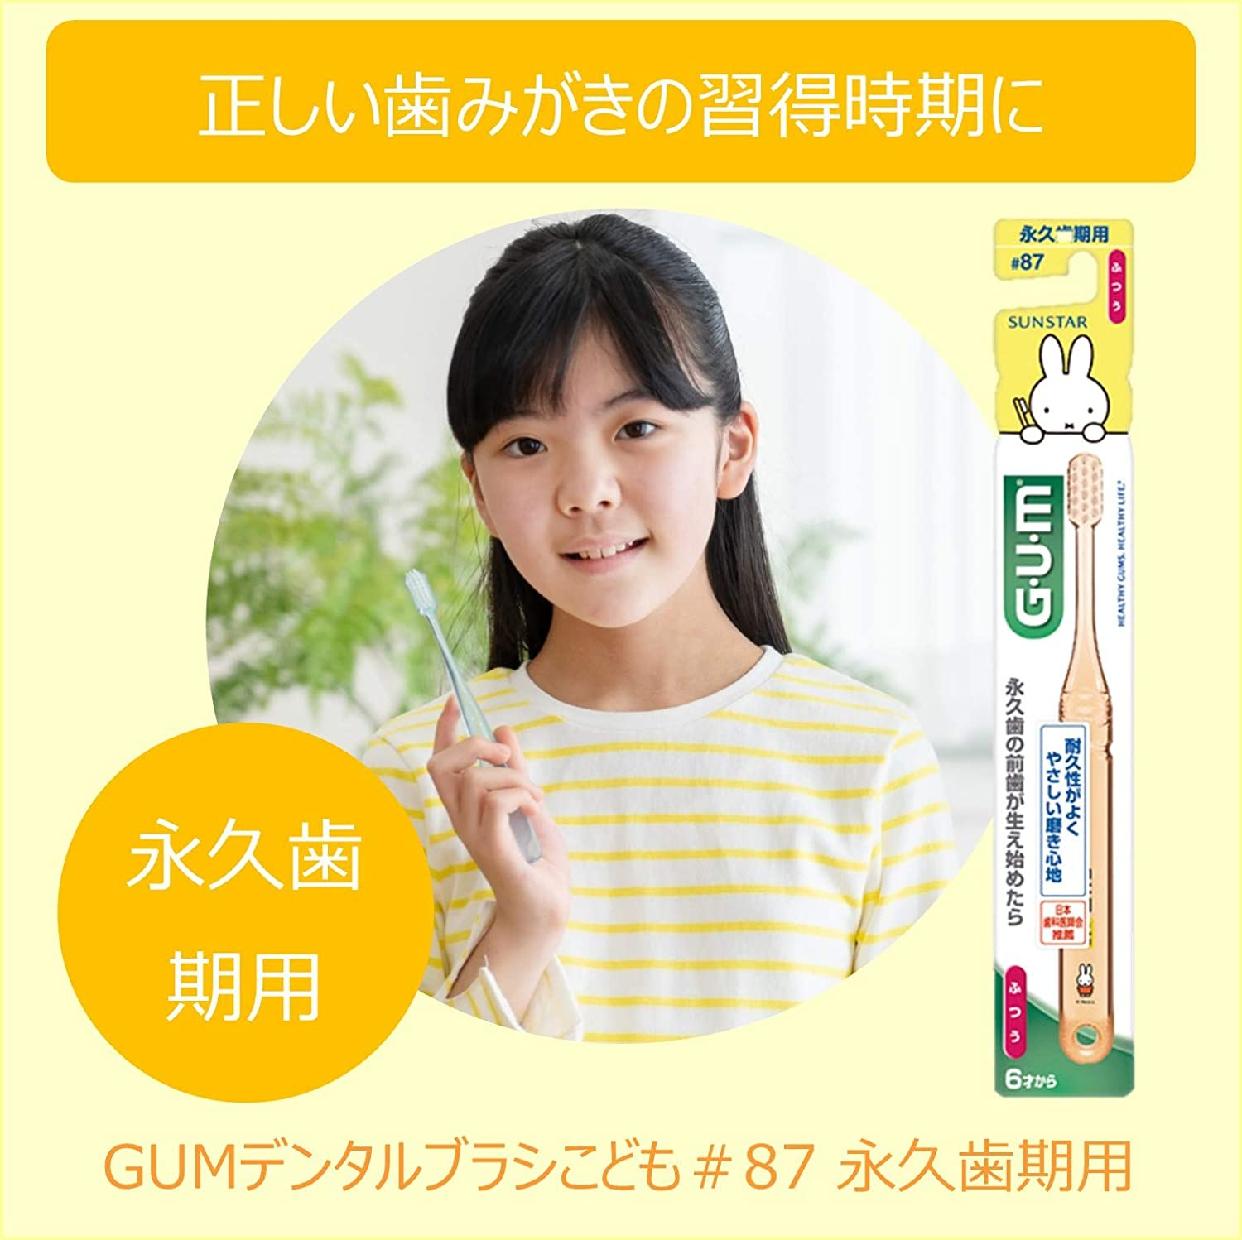 GUM(ガム)デンタルブラシ こどもの商品画像3